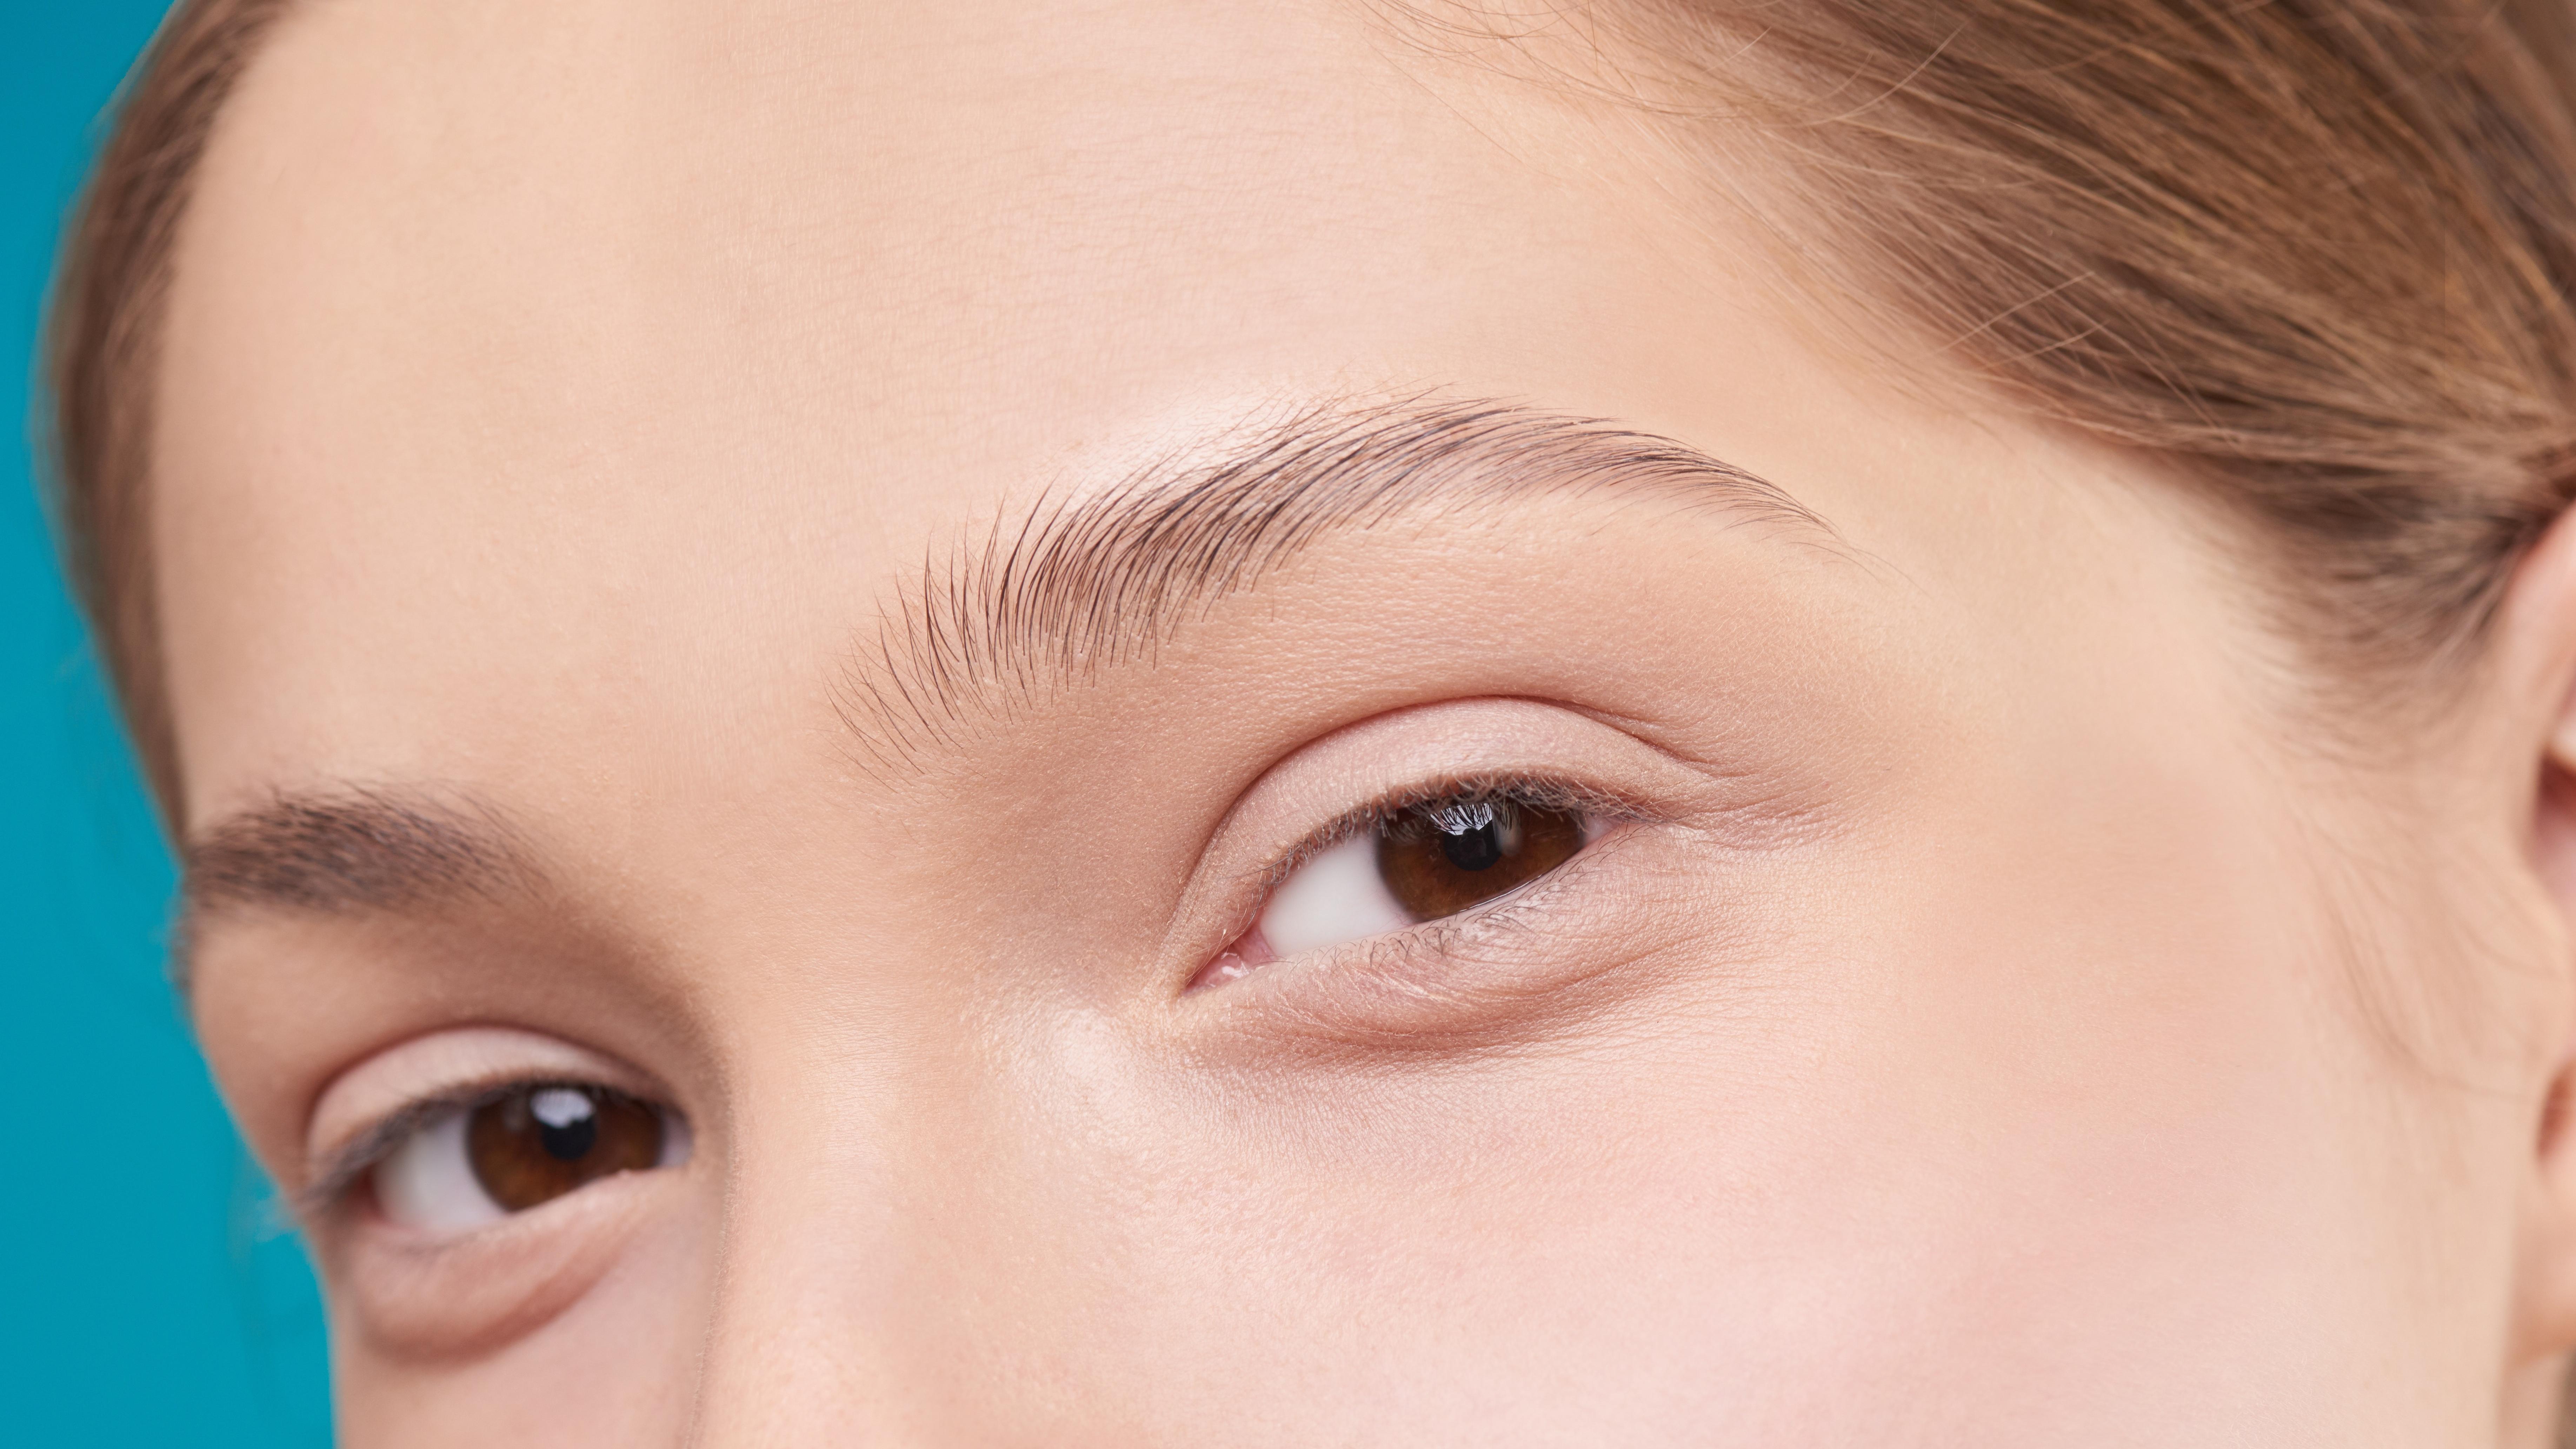 Augenbrauen tätowieren: Das sollten Sie beachten